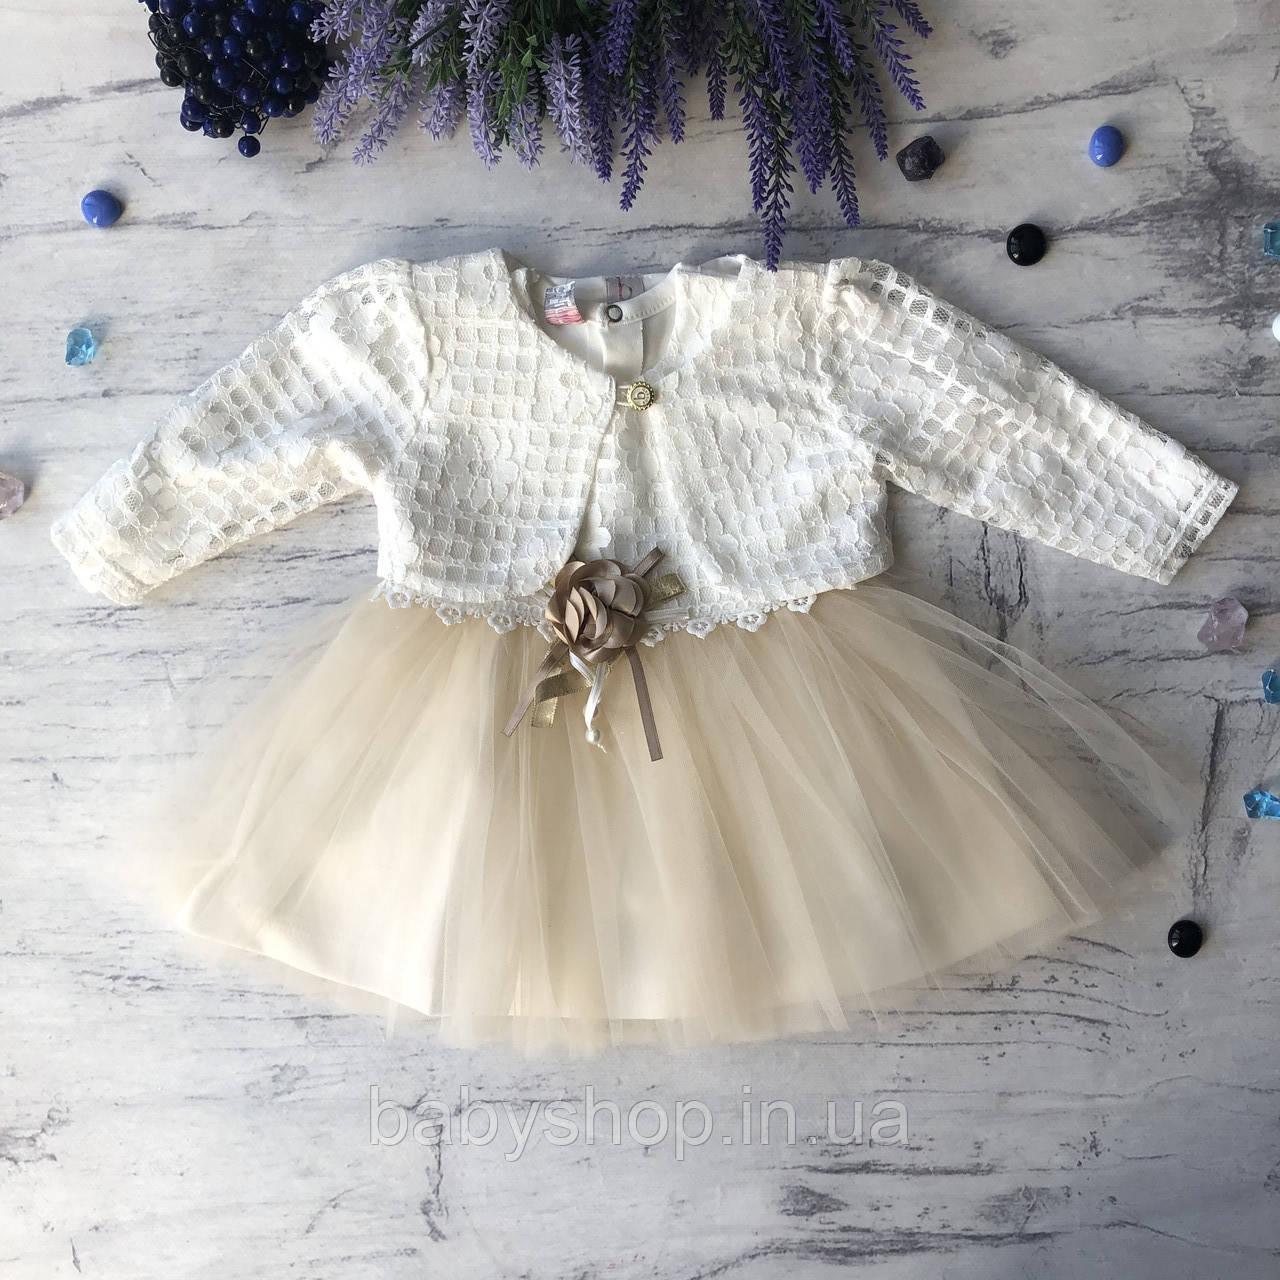 Нарядное платье на девочку 265. Размер 74 см, 80 см, 86 см